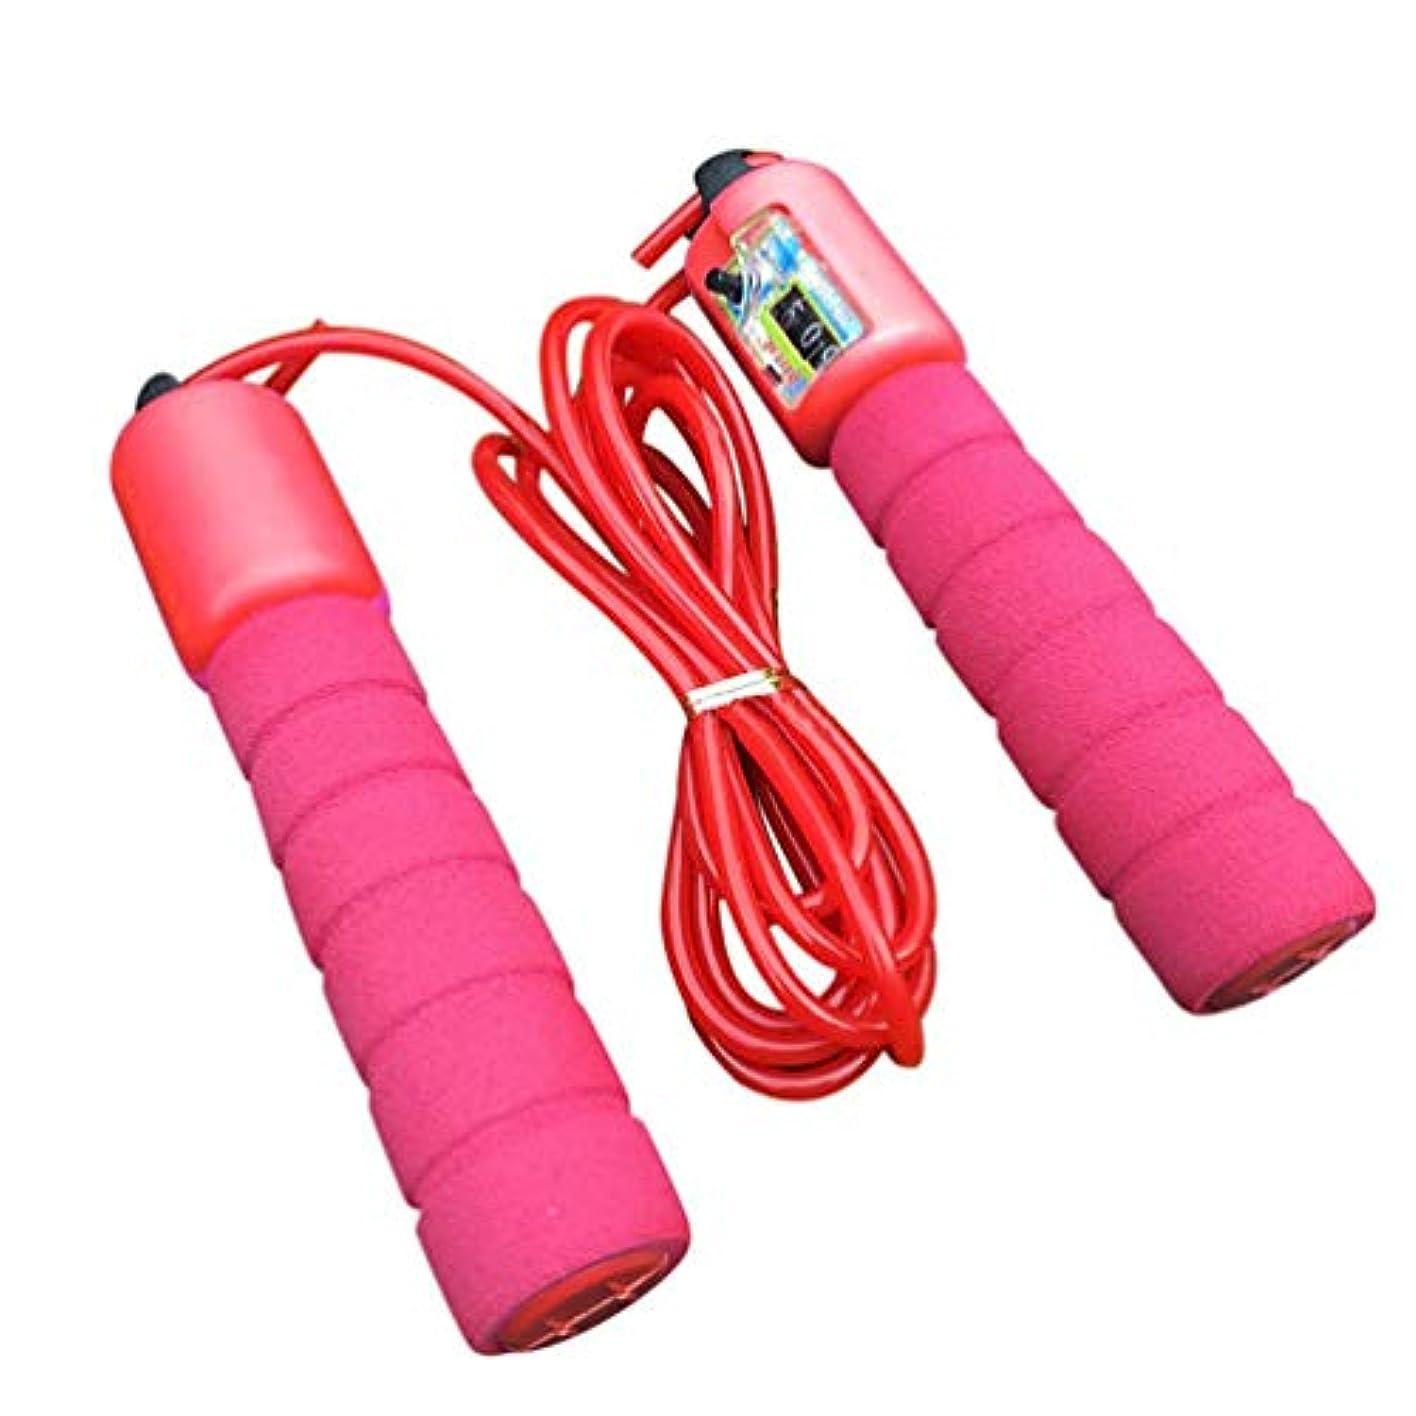 考えペフ忘れる調整可能なプロフェッショナルカウント縄跳び自動カウントジャンプロープフィットネス運動高速カウントジャンプロープ - 赤